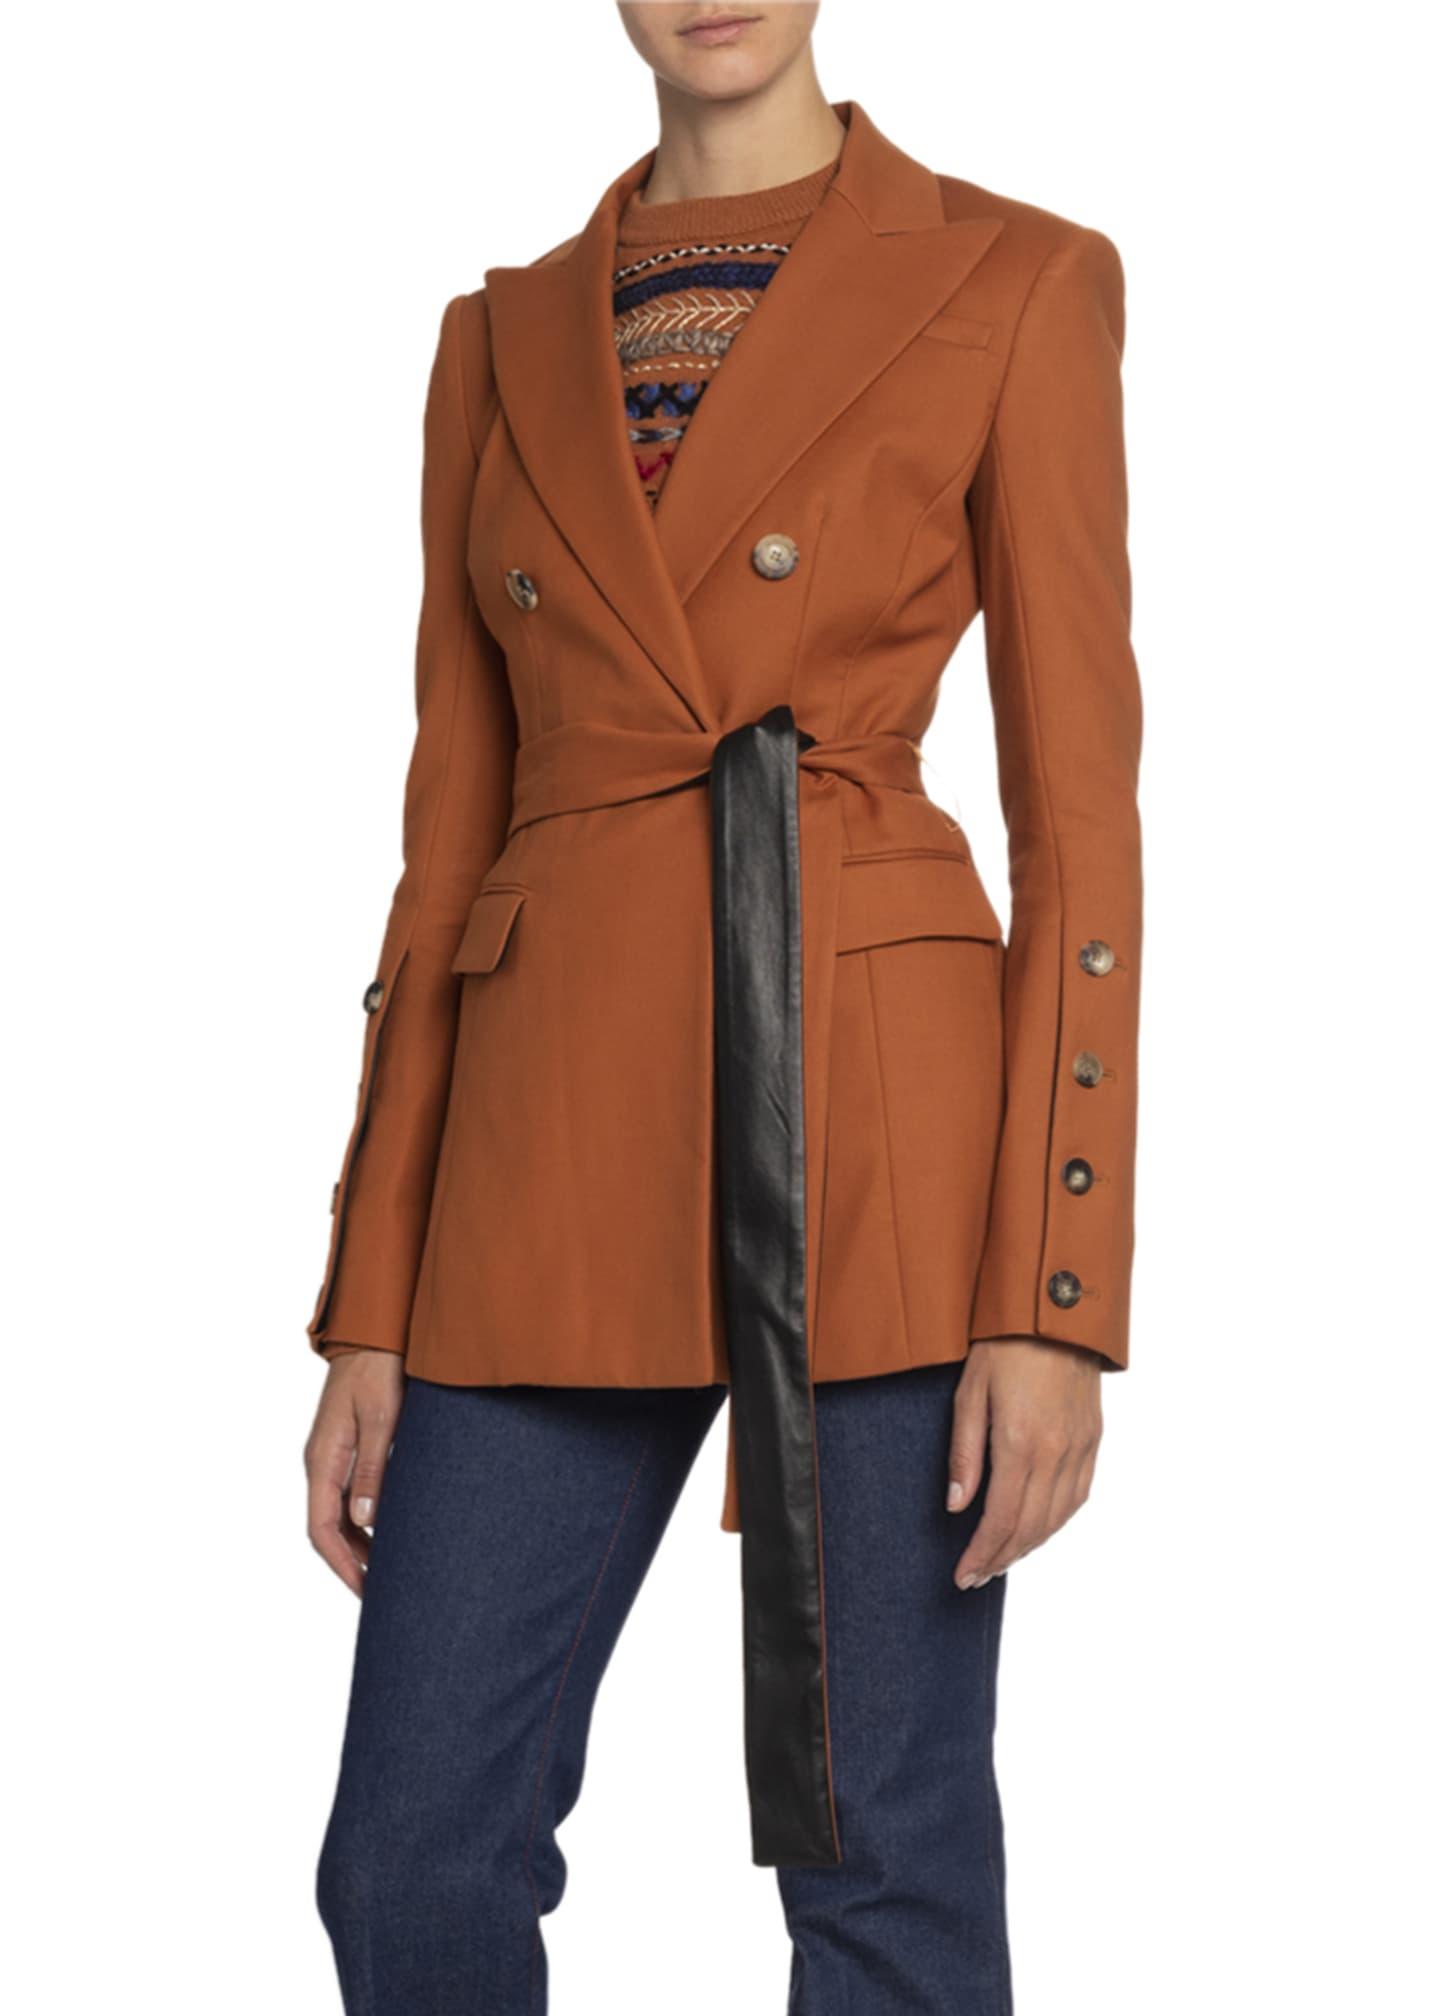 Altuzarra Double-Breasted Jacket